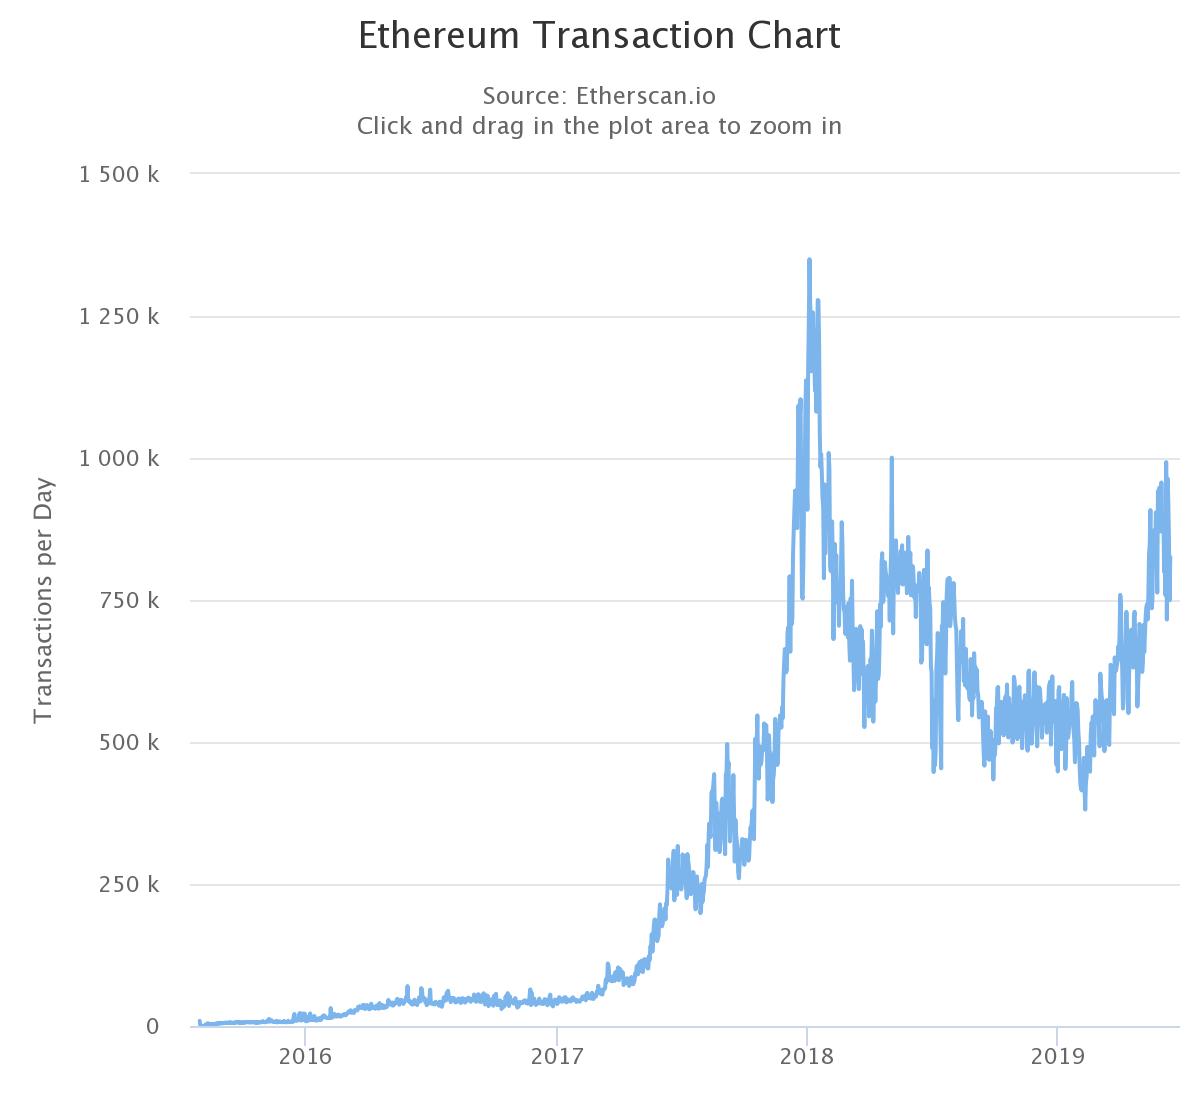 A TradingView kereskedőplatform szerint örülhetnek az Ethereumba befektetők